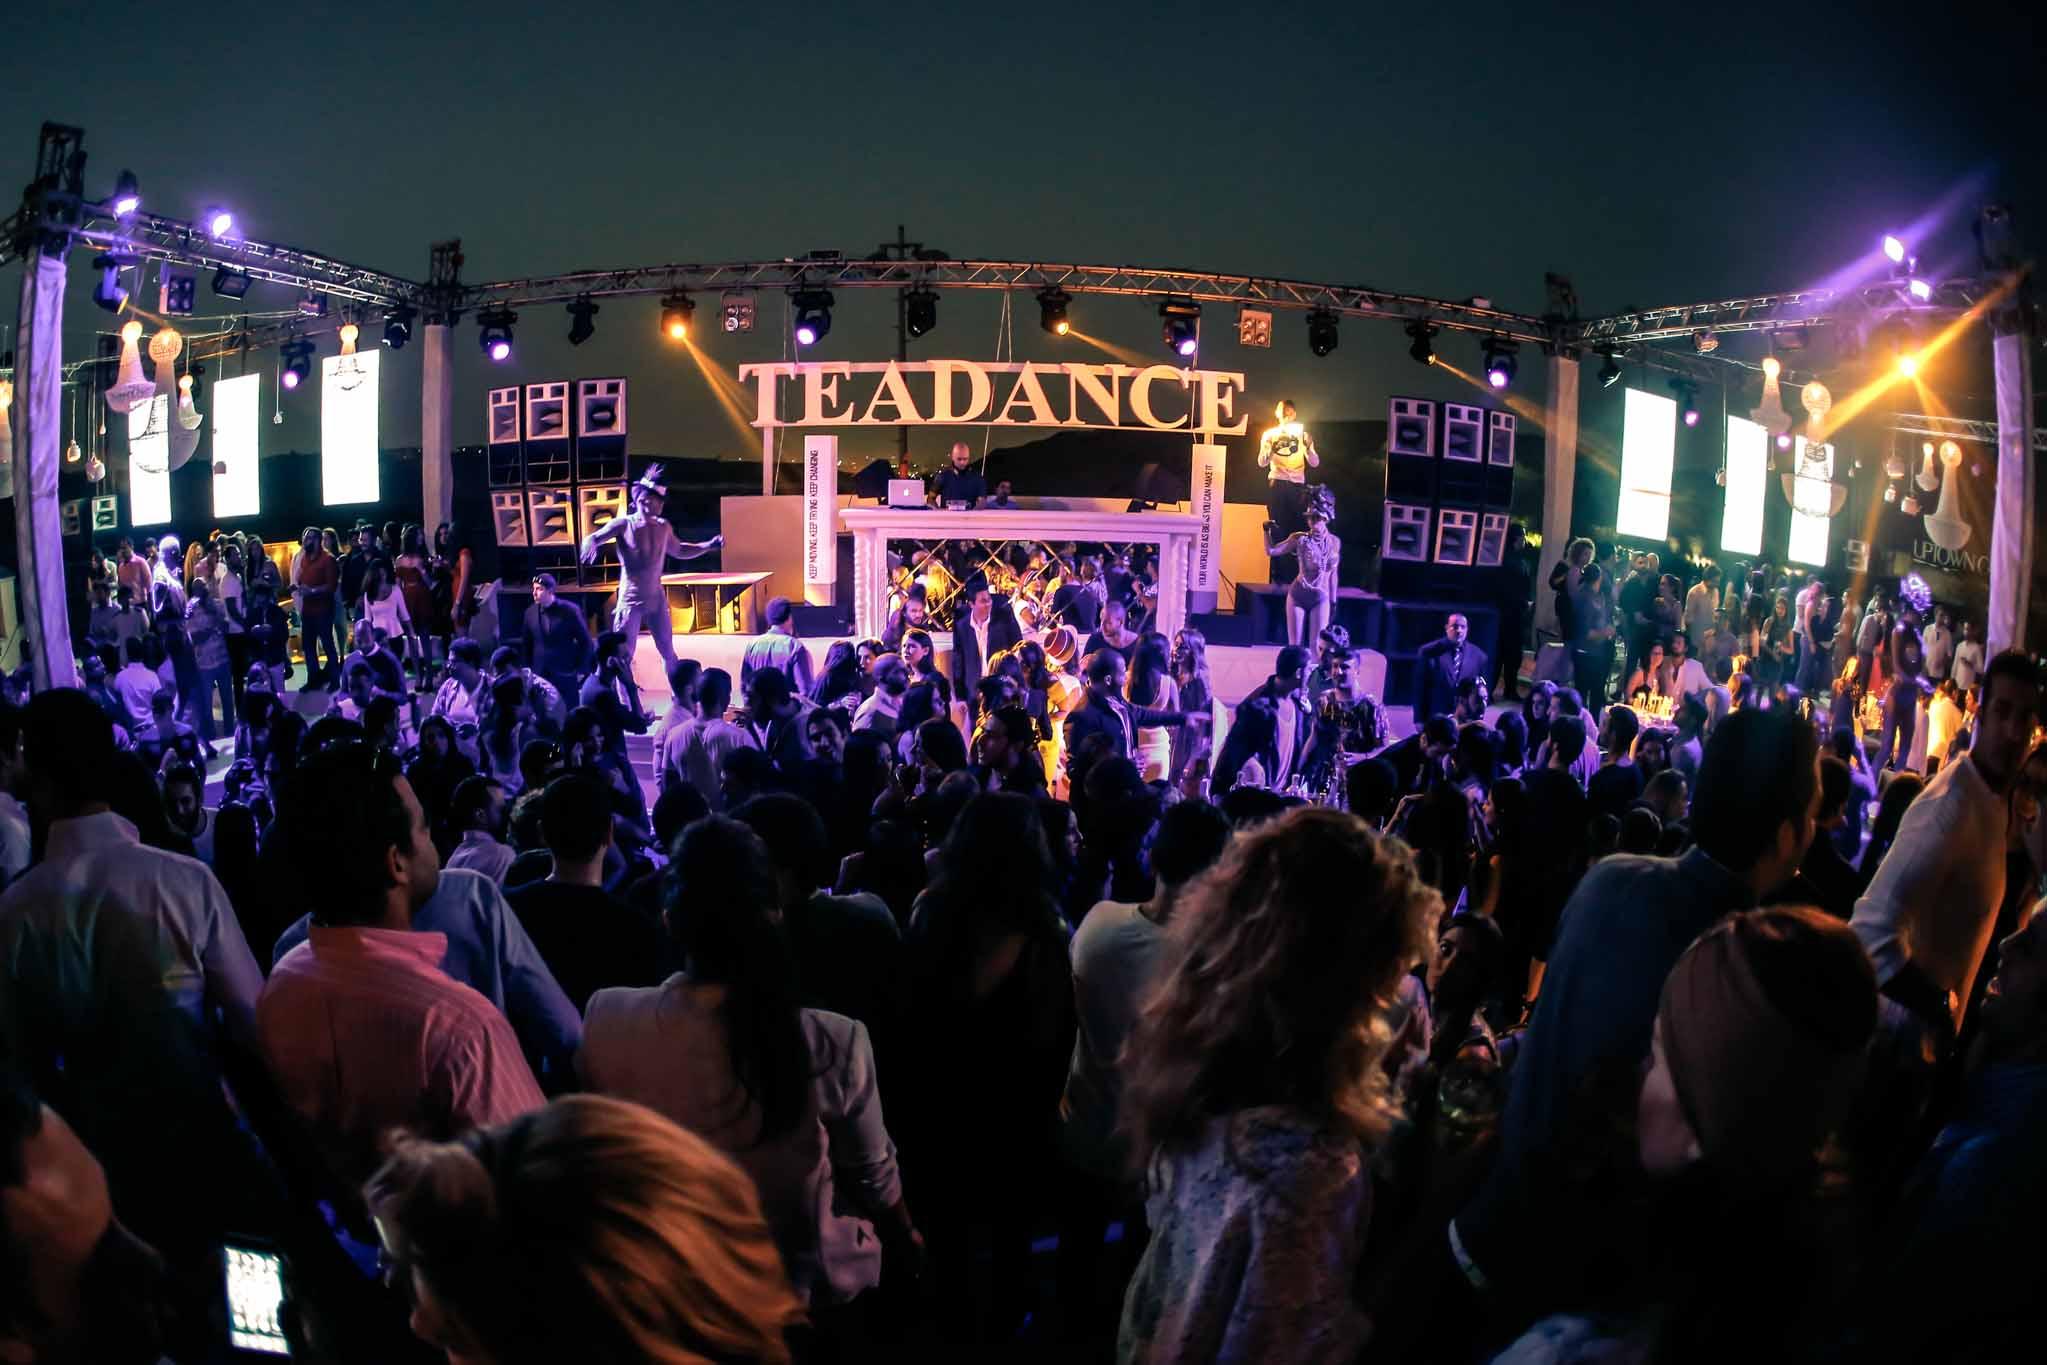 Tea Dance Cairo byganz 2015